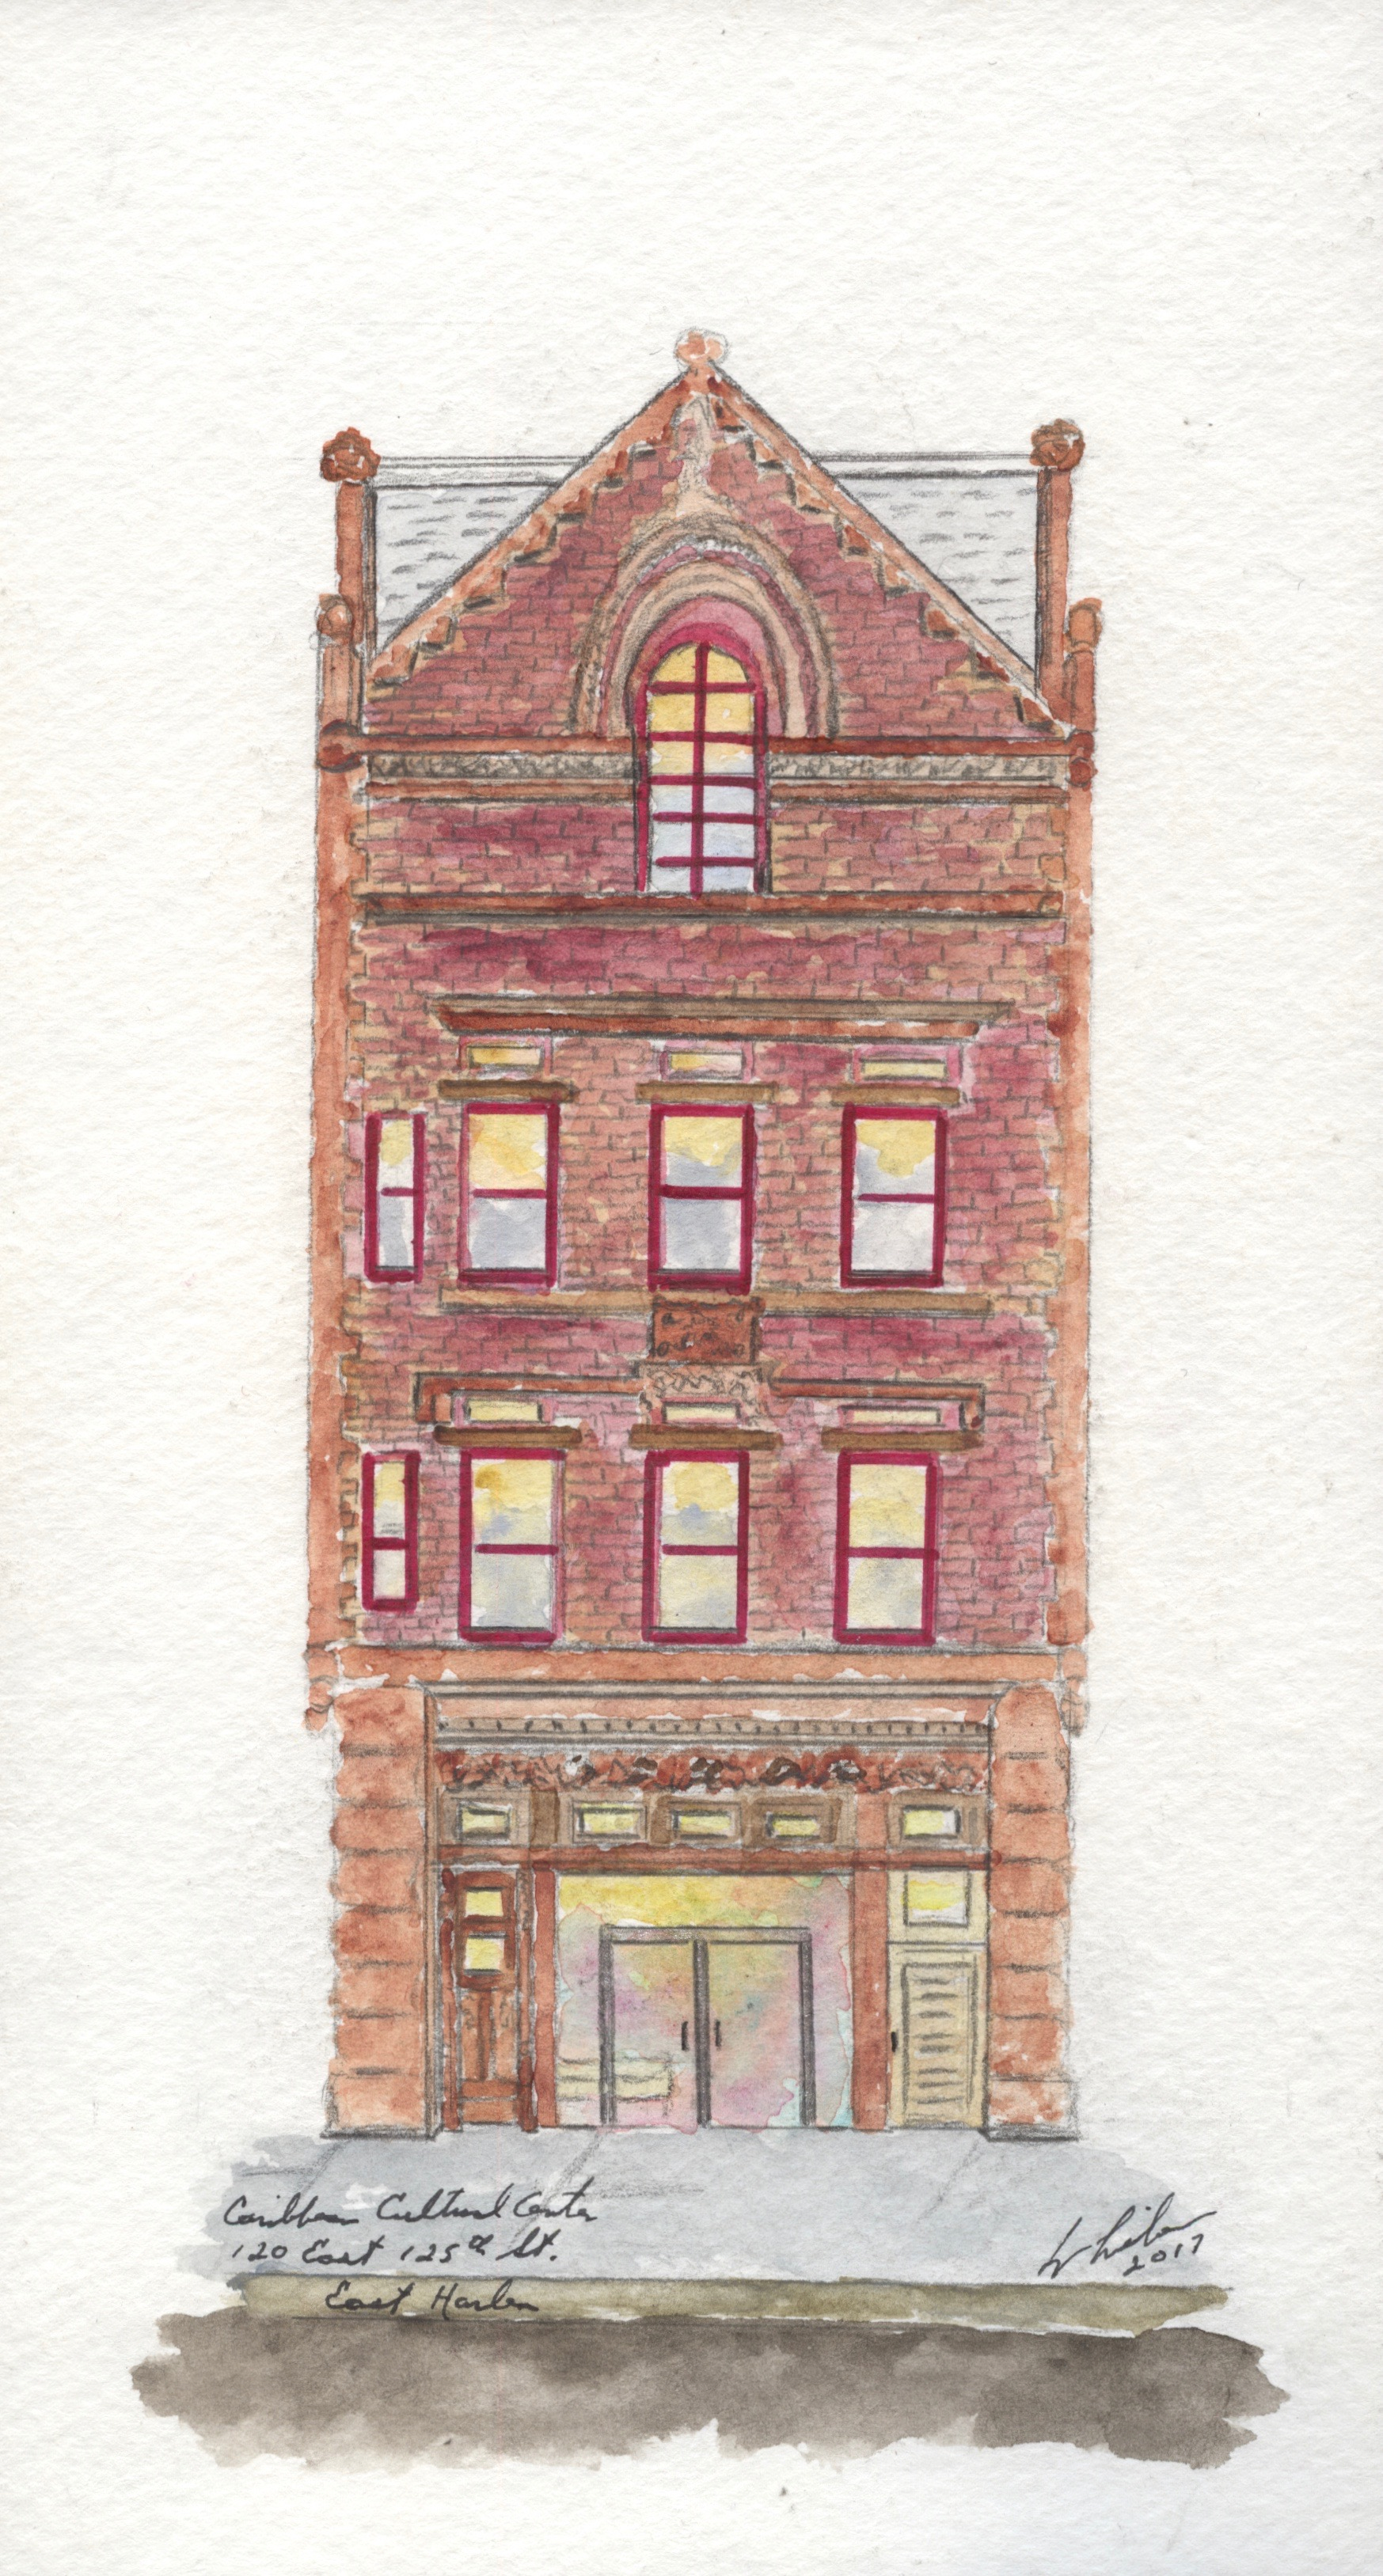 125th Street in East Harlem ~ a Work in Progress? – GothamToGo